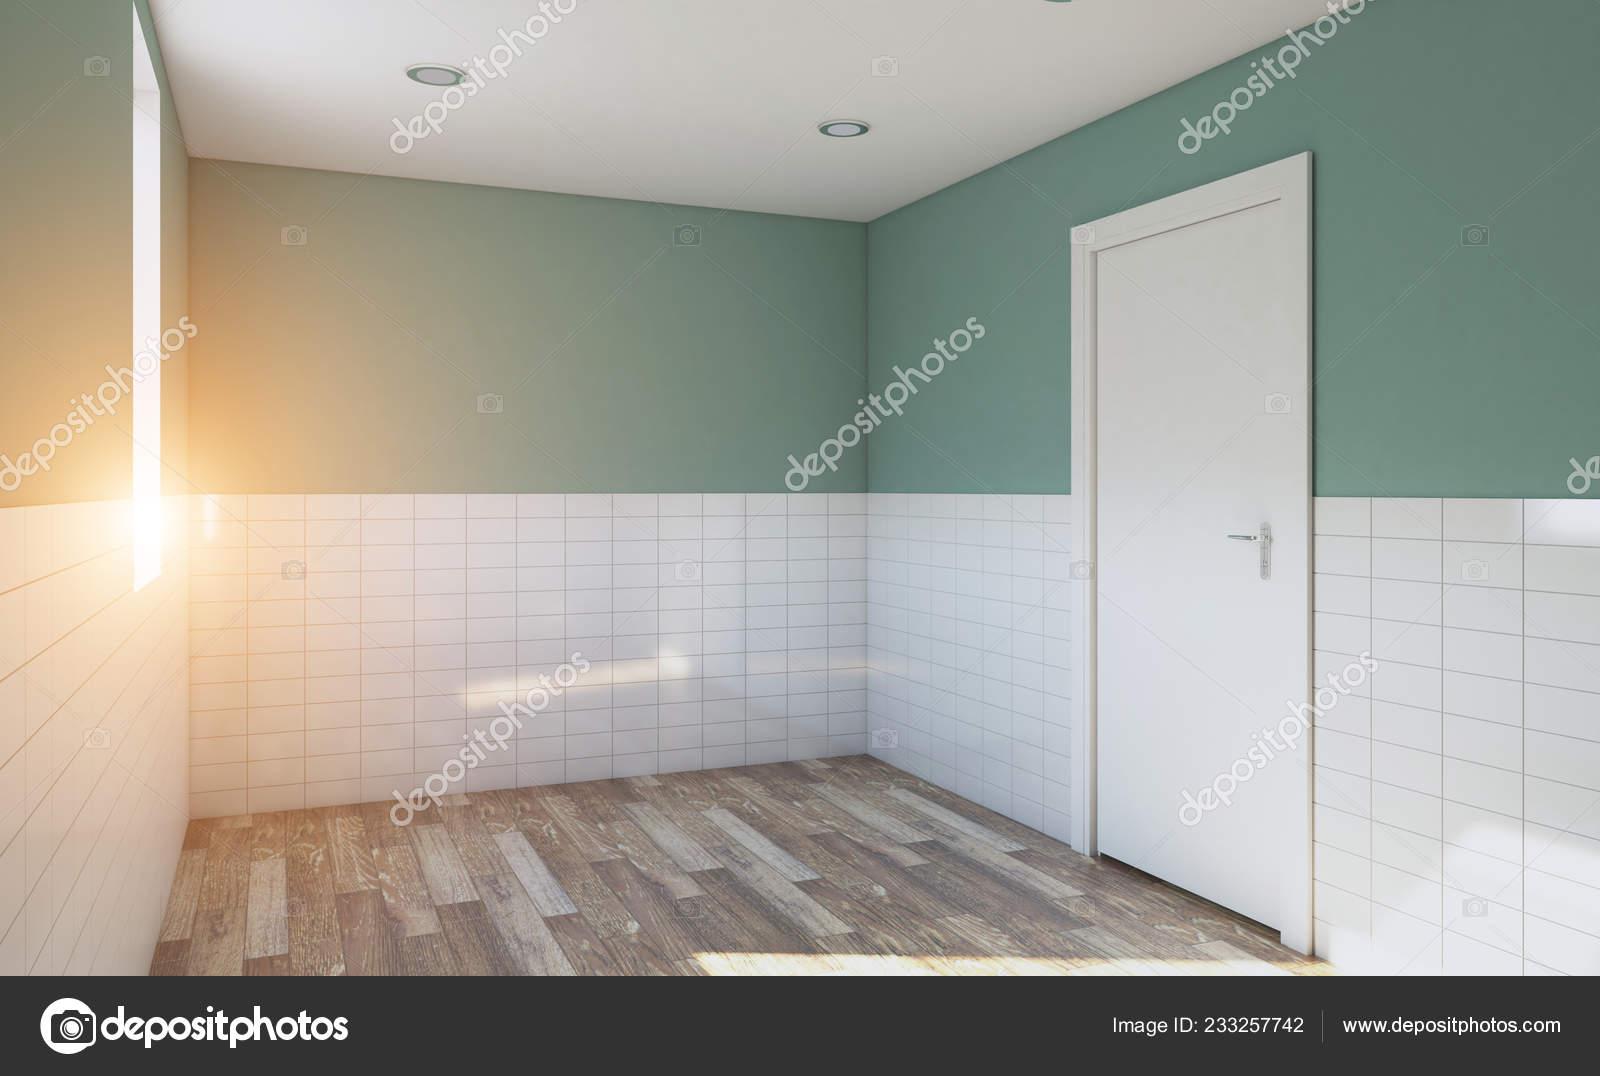 Modernes Badezimmer Mit Großem Fenster Rendering Licht ...